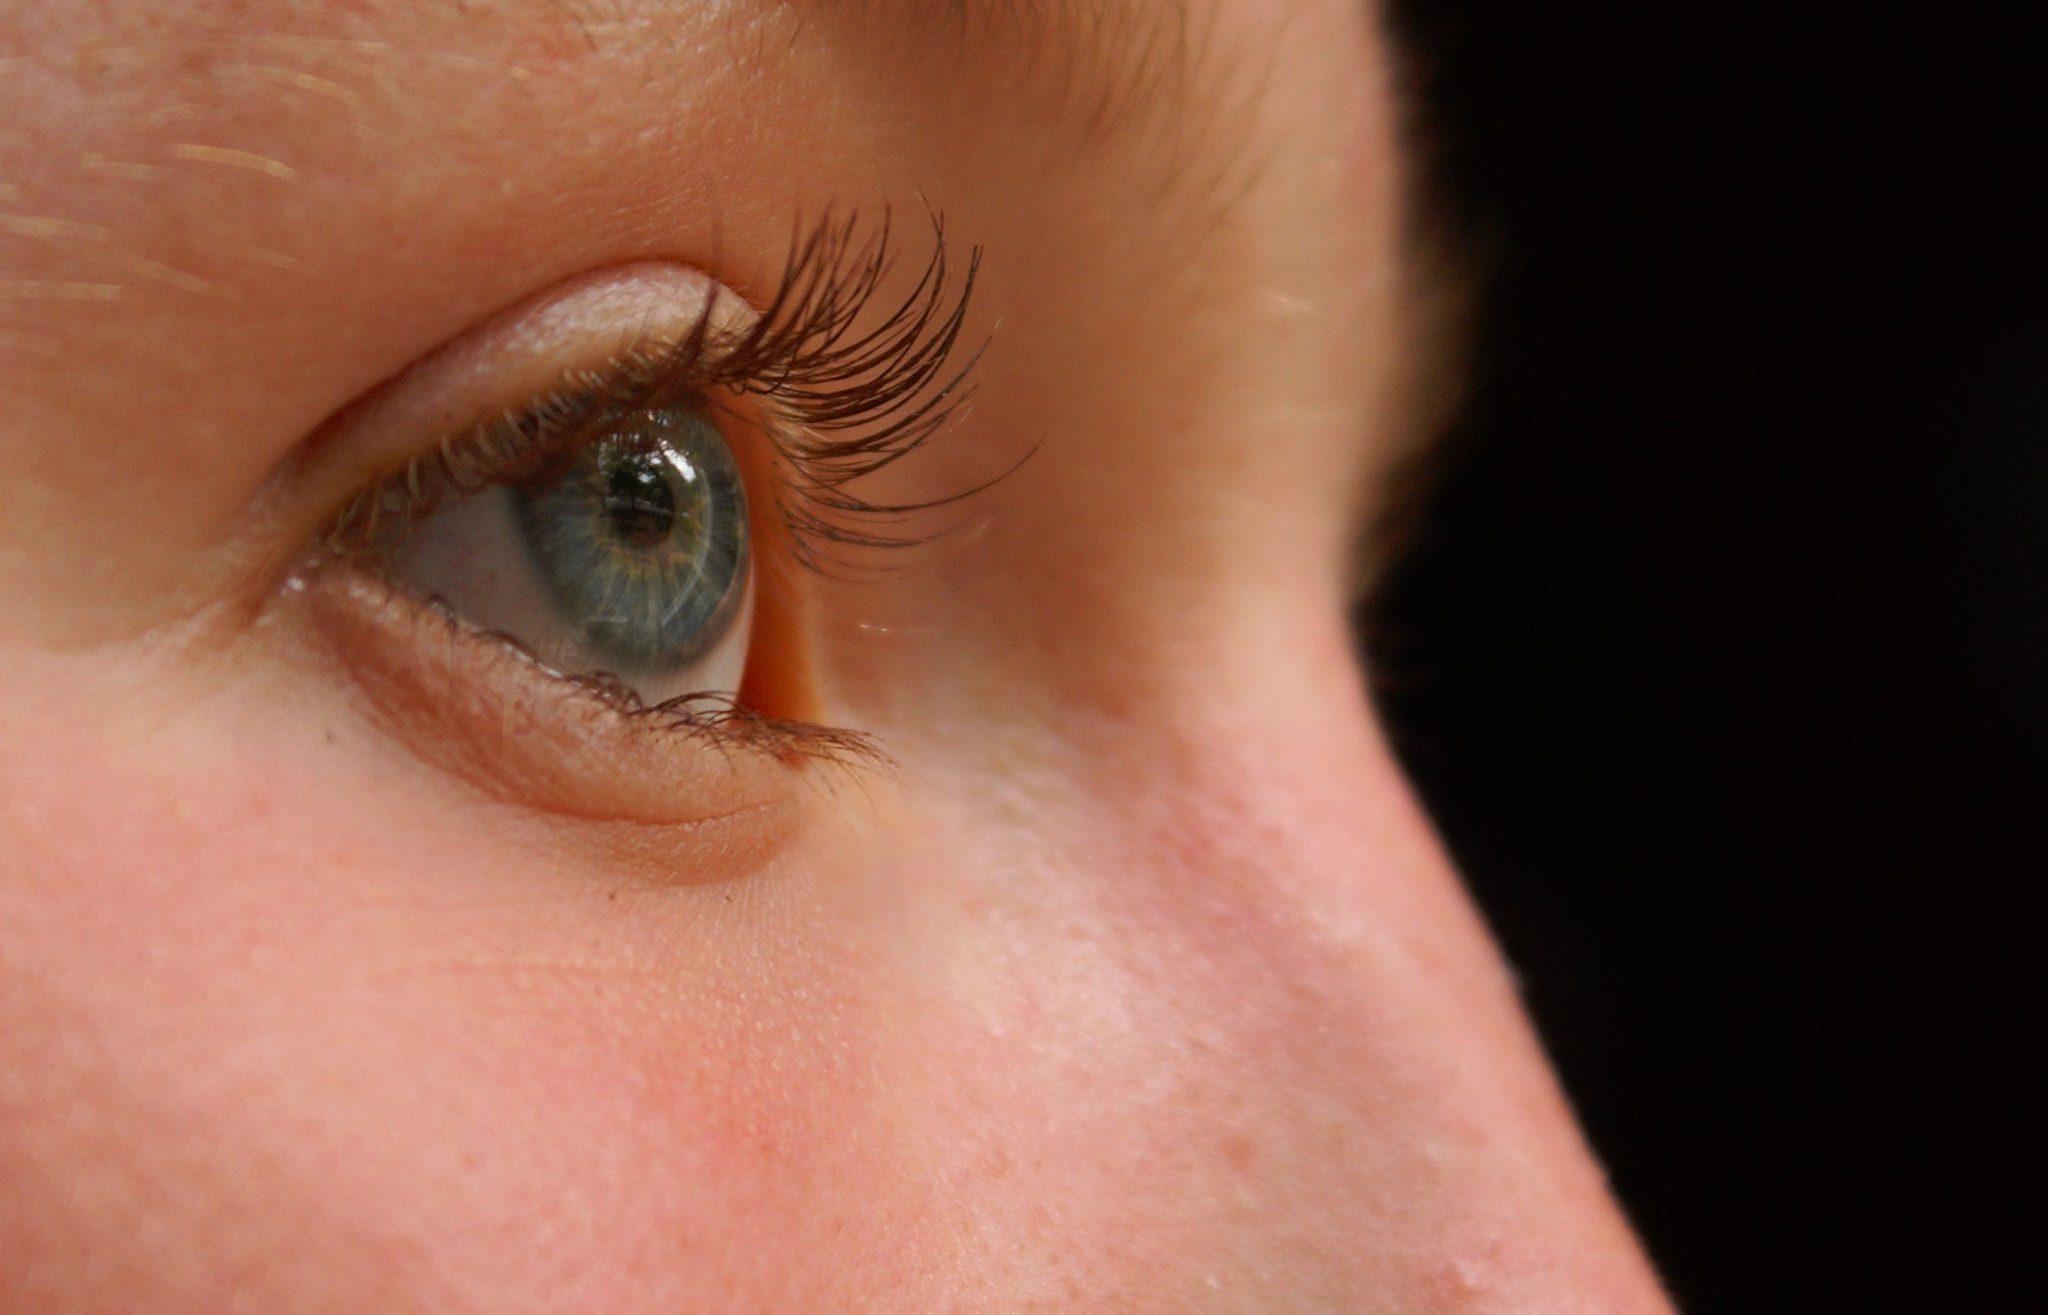 Ячмень на глазу у ребенка: как лечить в домашних условиях 16